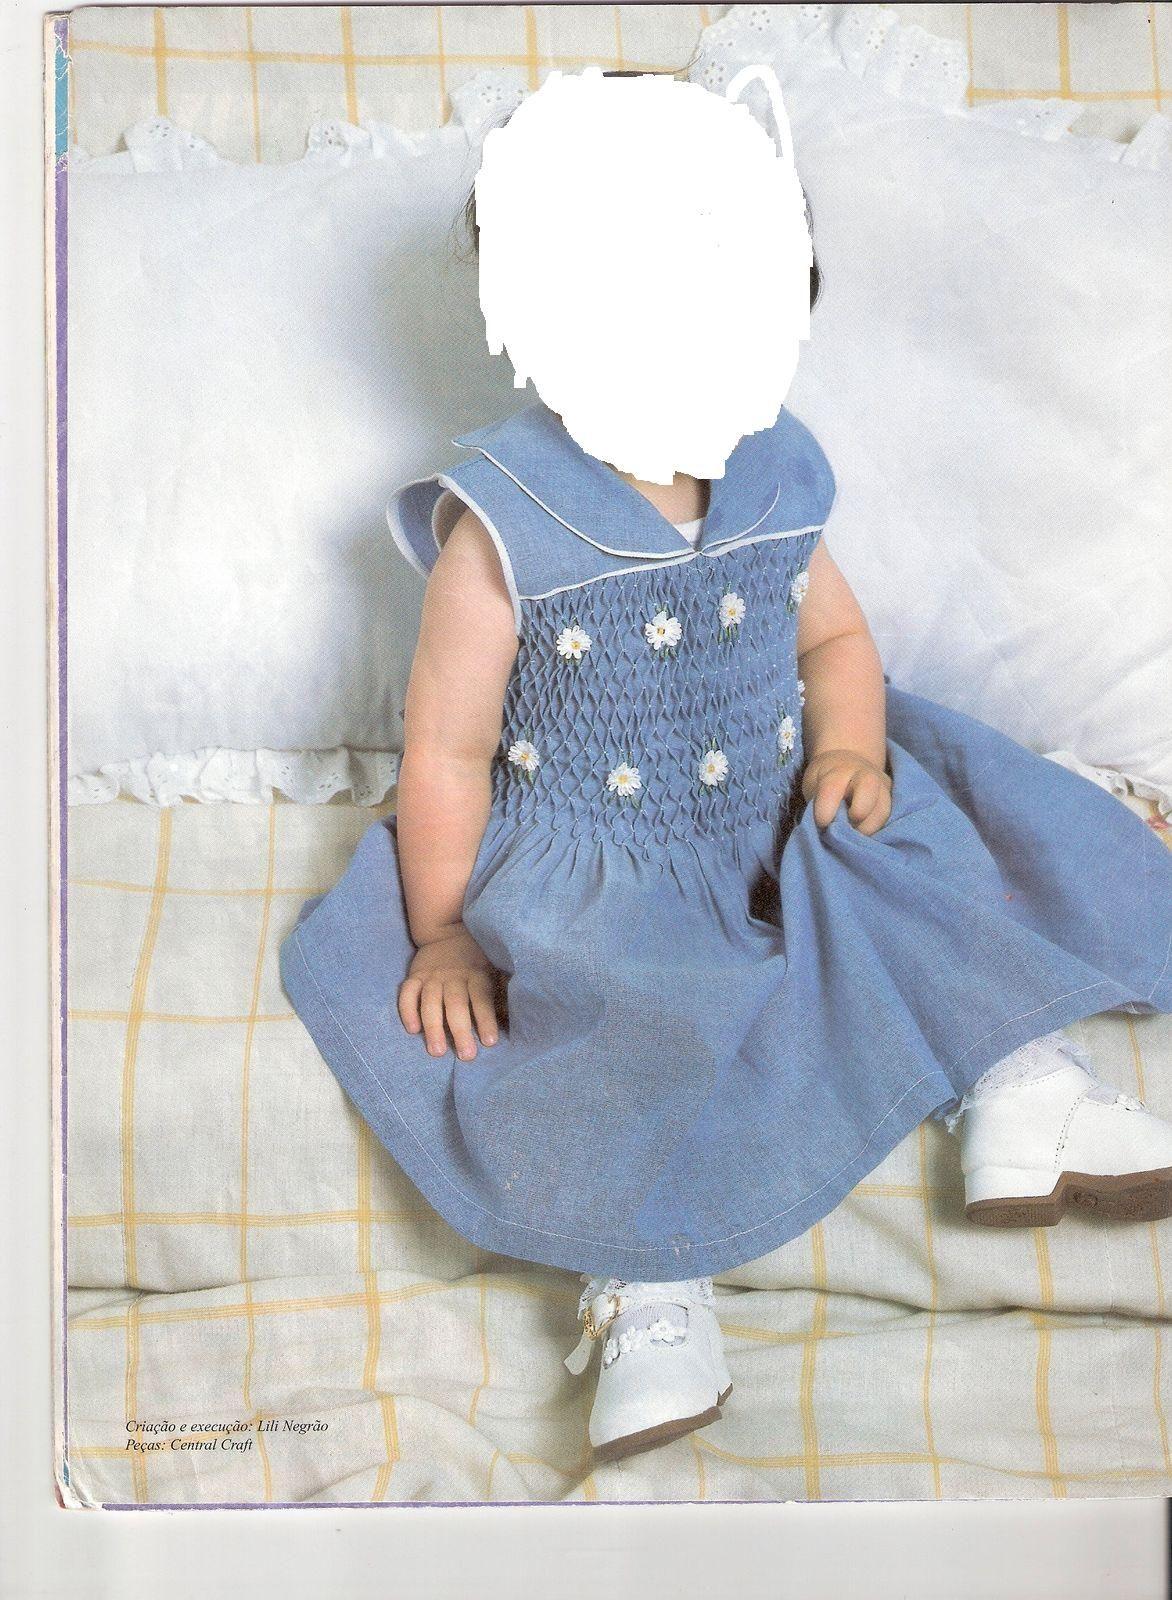 ملخص دورة تفصيل وخياطة ملابس الاطفال مع ماما هاجر اكاديمية بنت مفيد لتعليم الخياطة وتصميم الازياء والمهارات Clothes Teaching Sewing Fashion